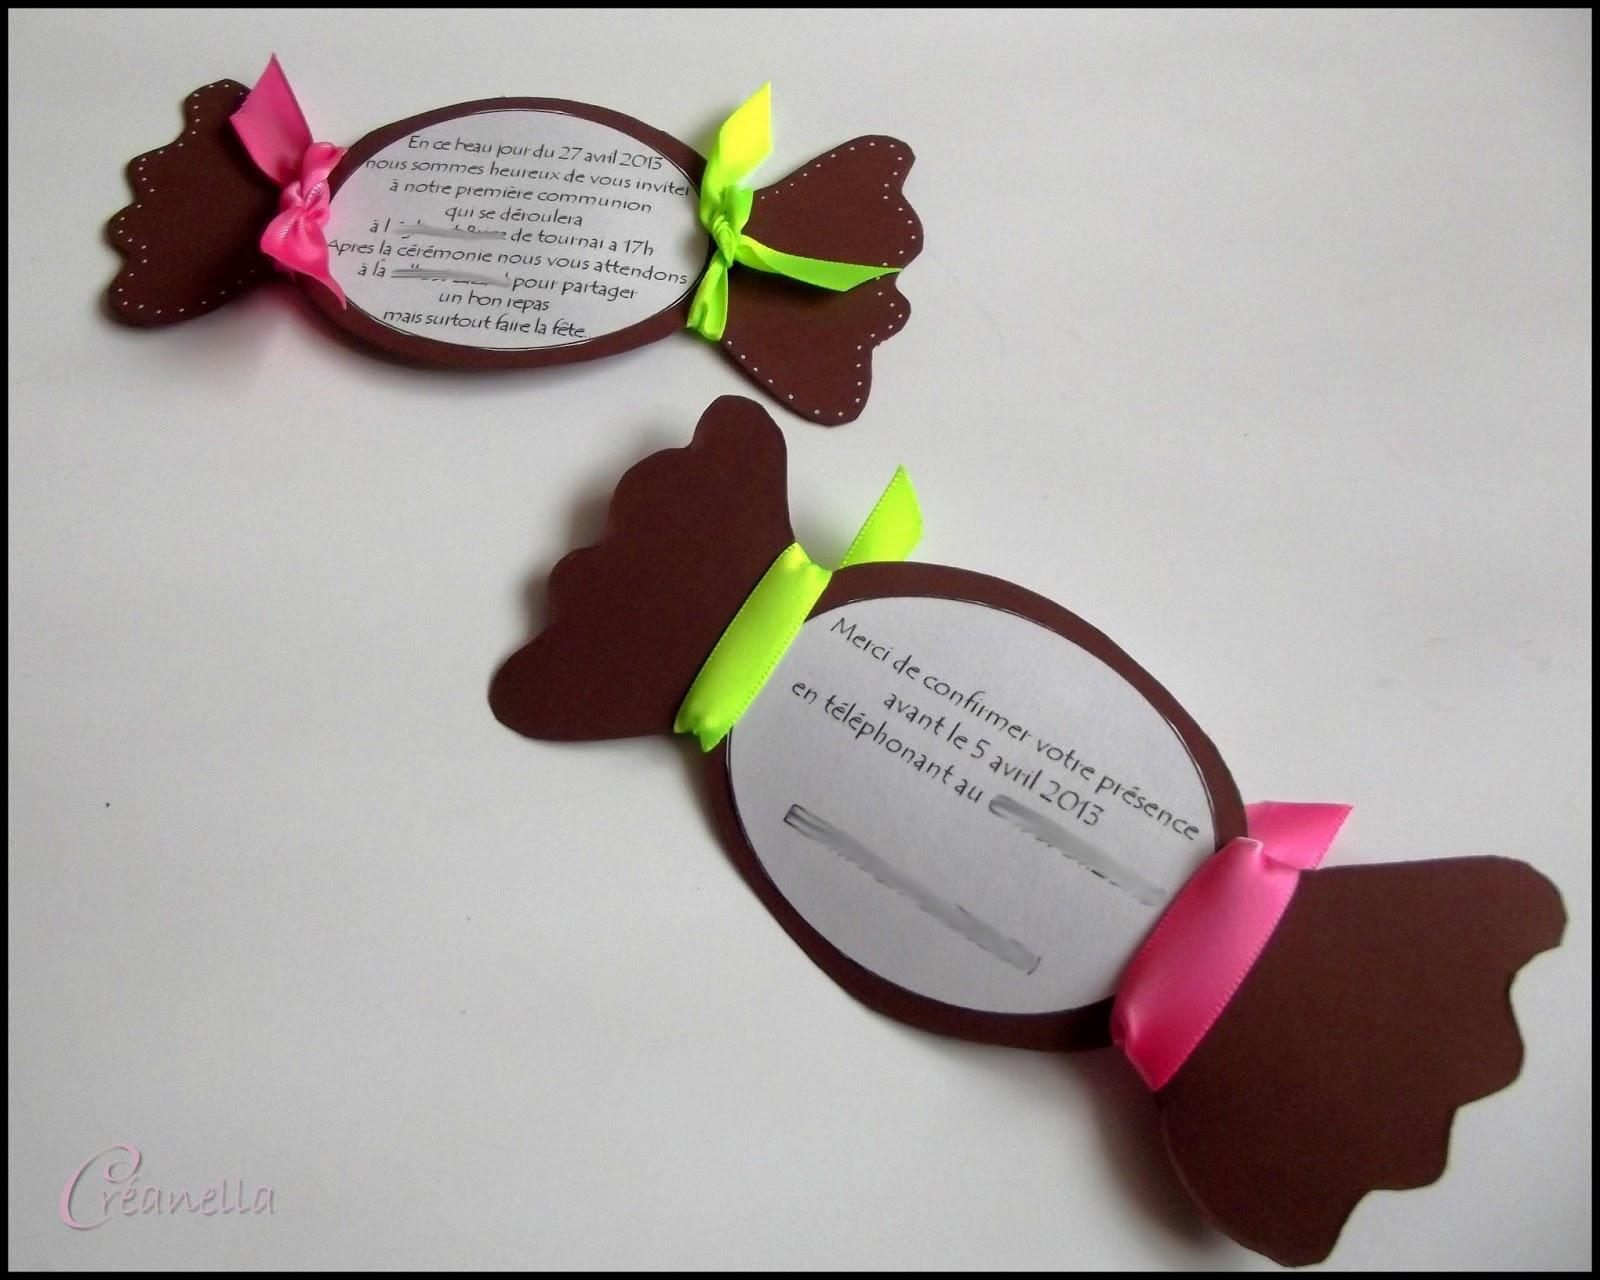 Favorit Créanella atelier créatif: Faire parts Bonbon choco AC11